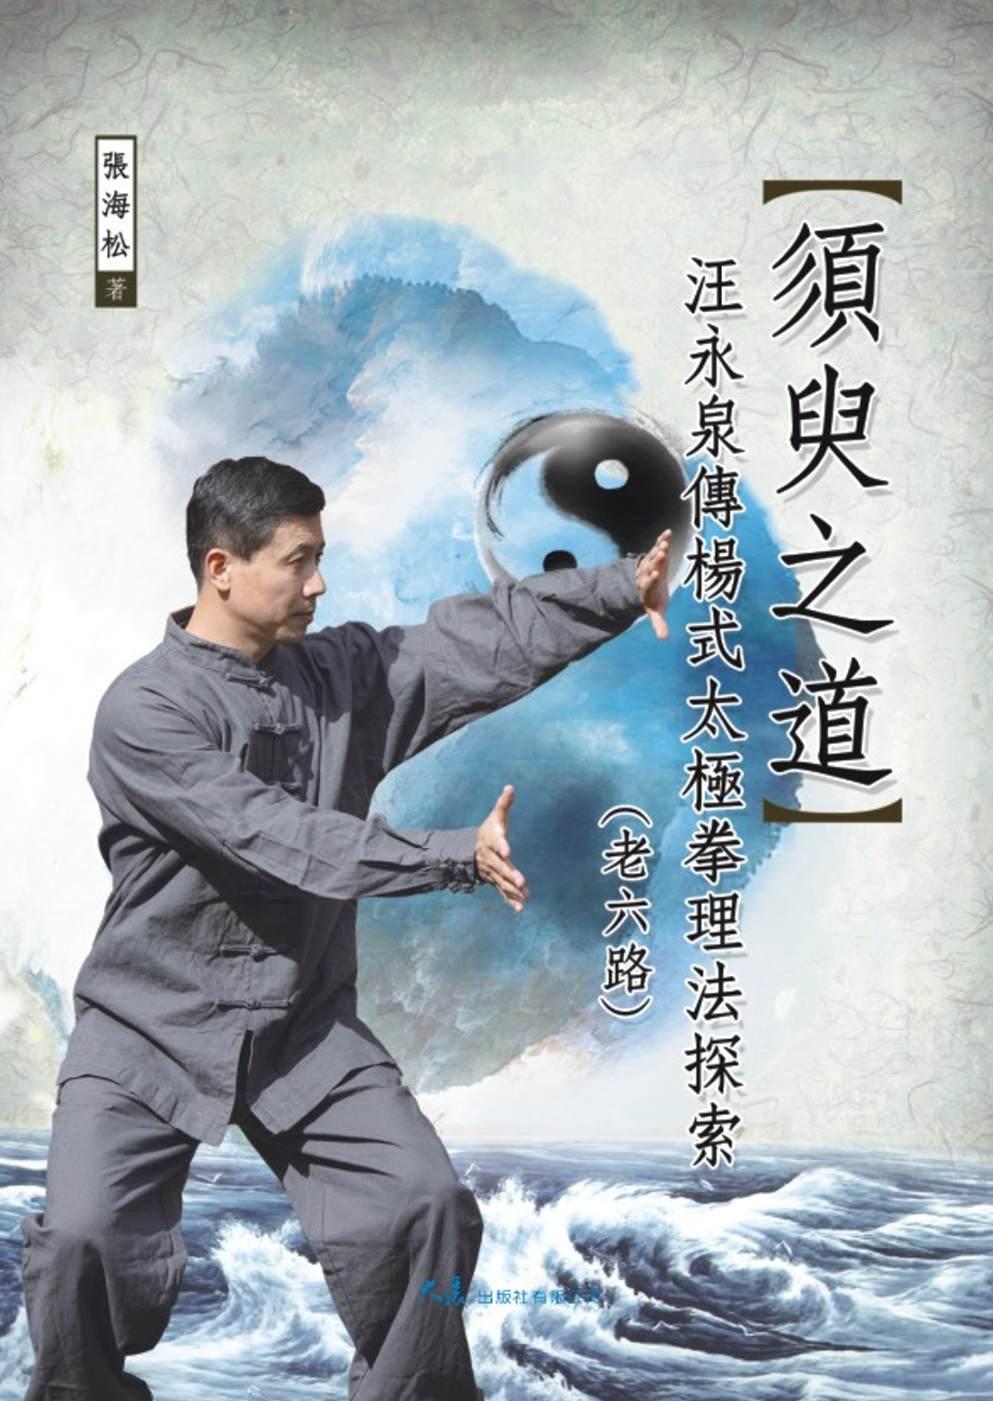 須臾之道:汪永泉傳楊式太極拳理法探索(老六路)